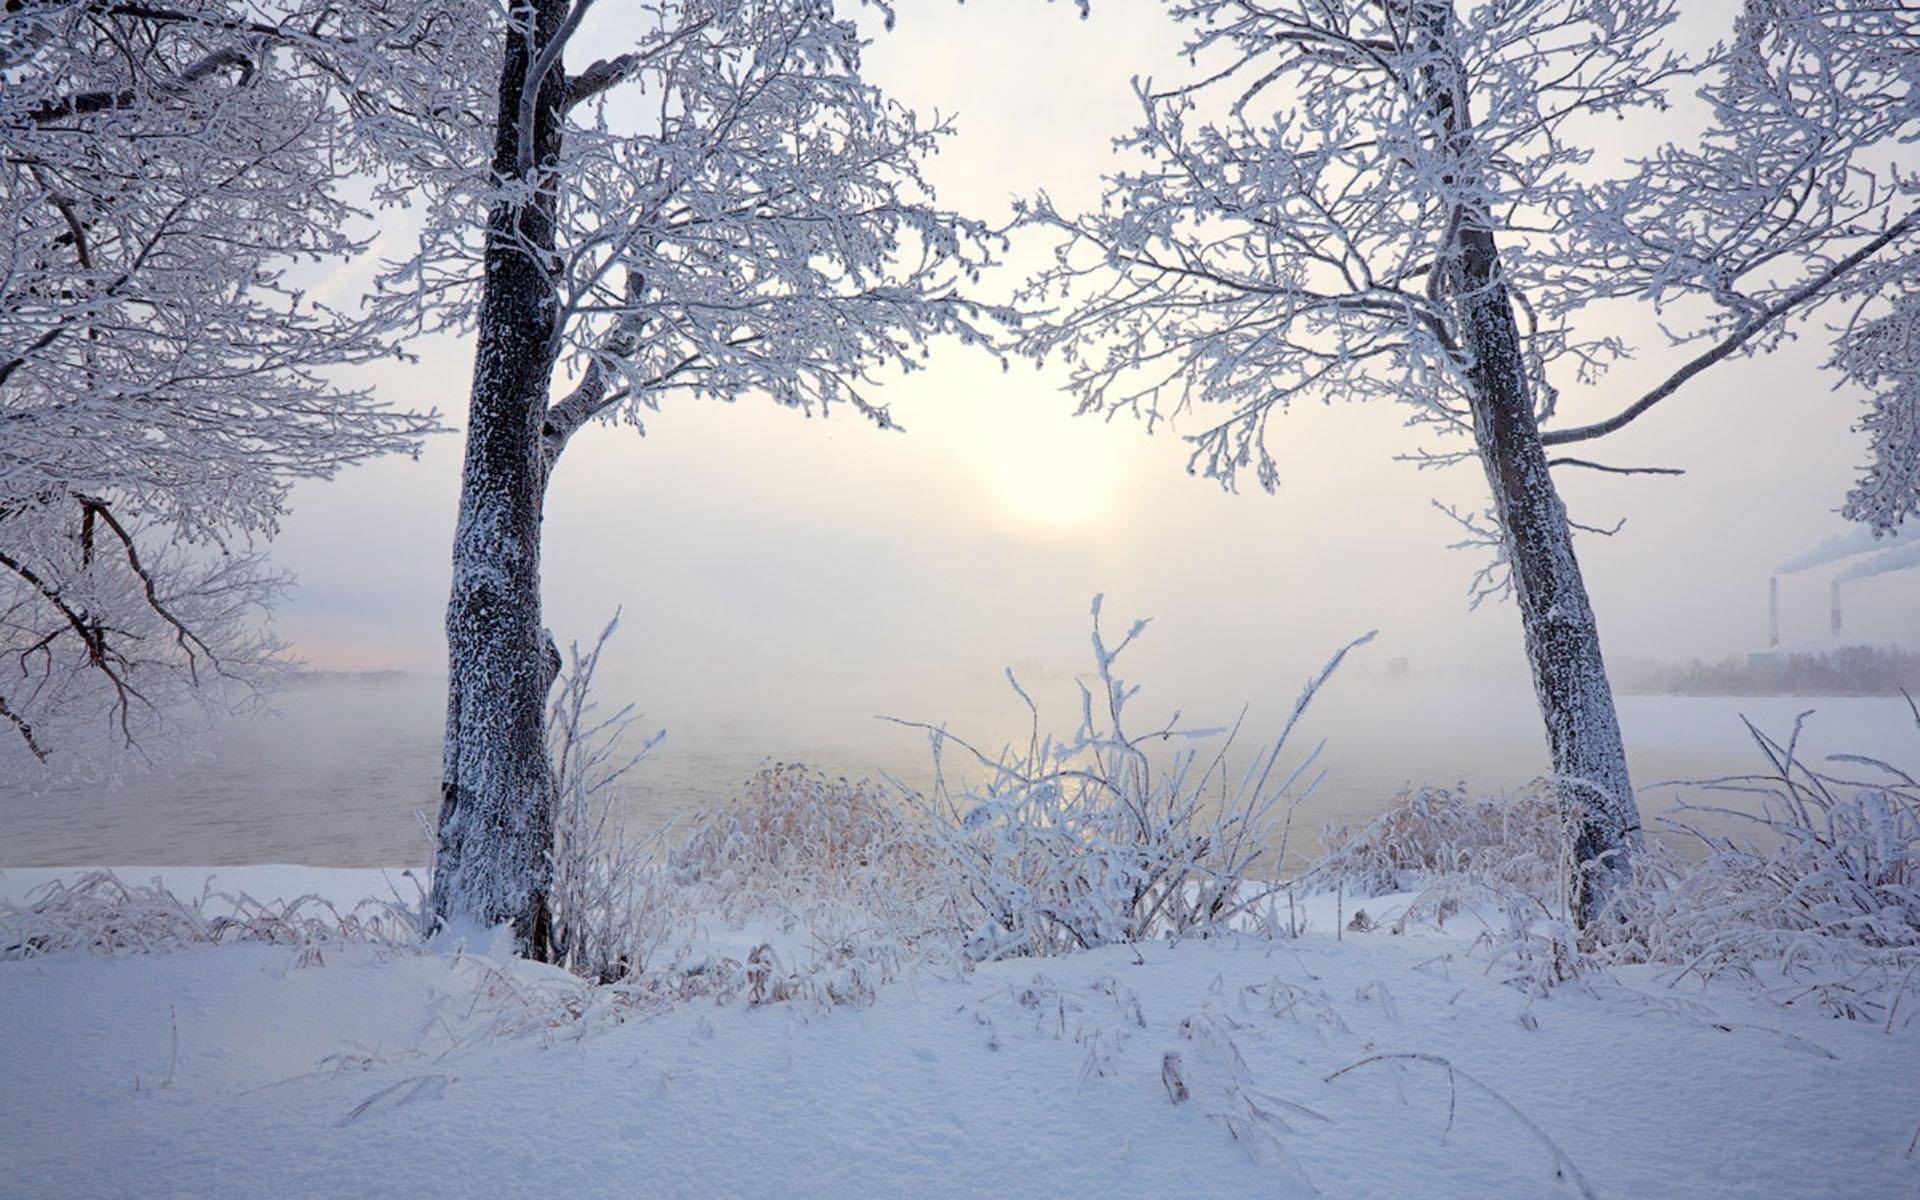 Hình nền mùa đông băng giá đẹp